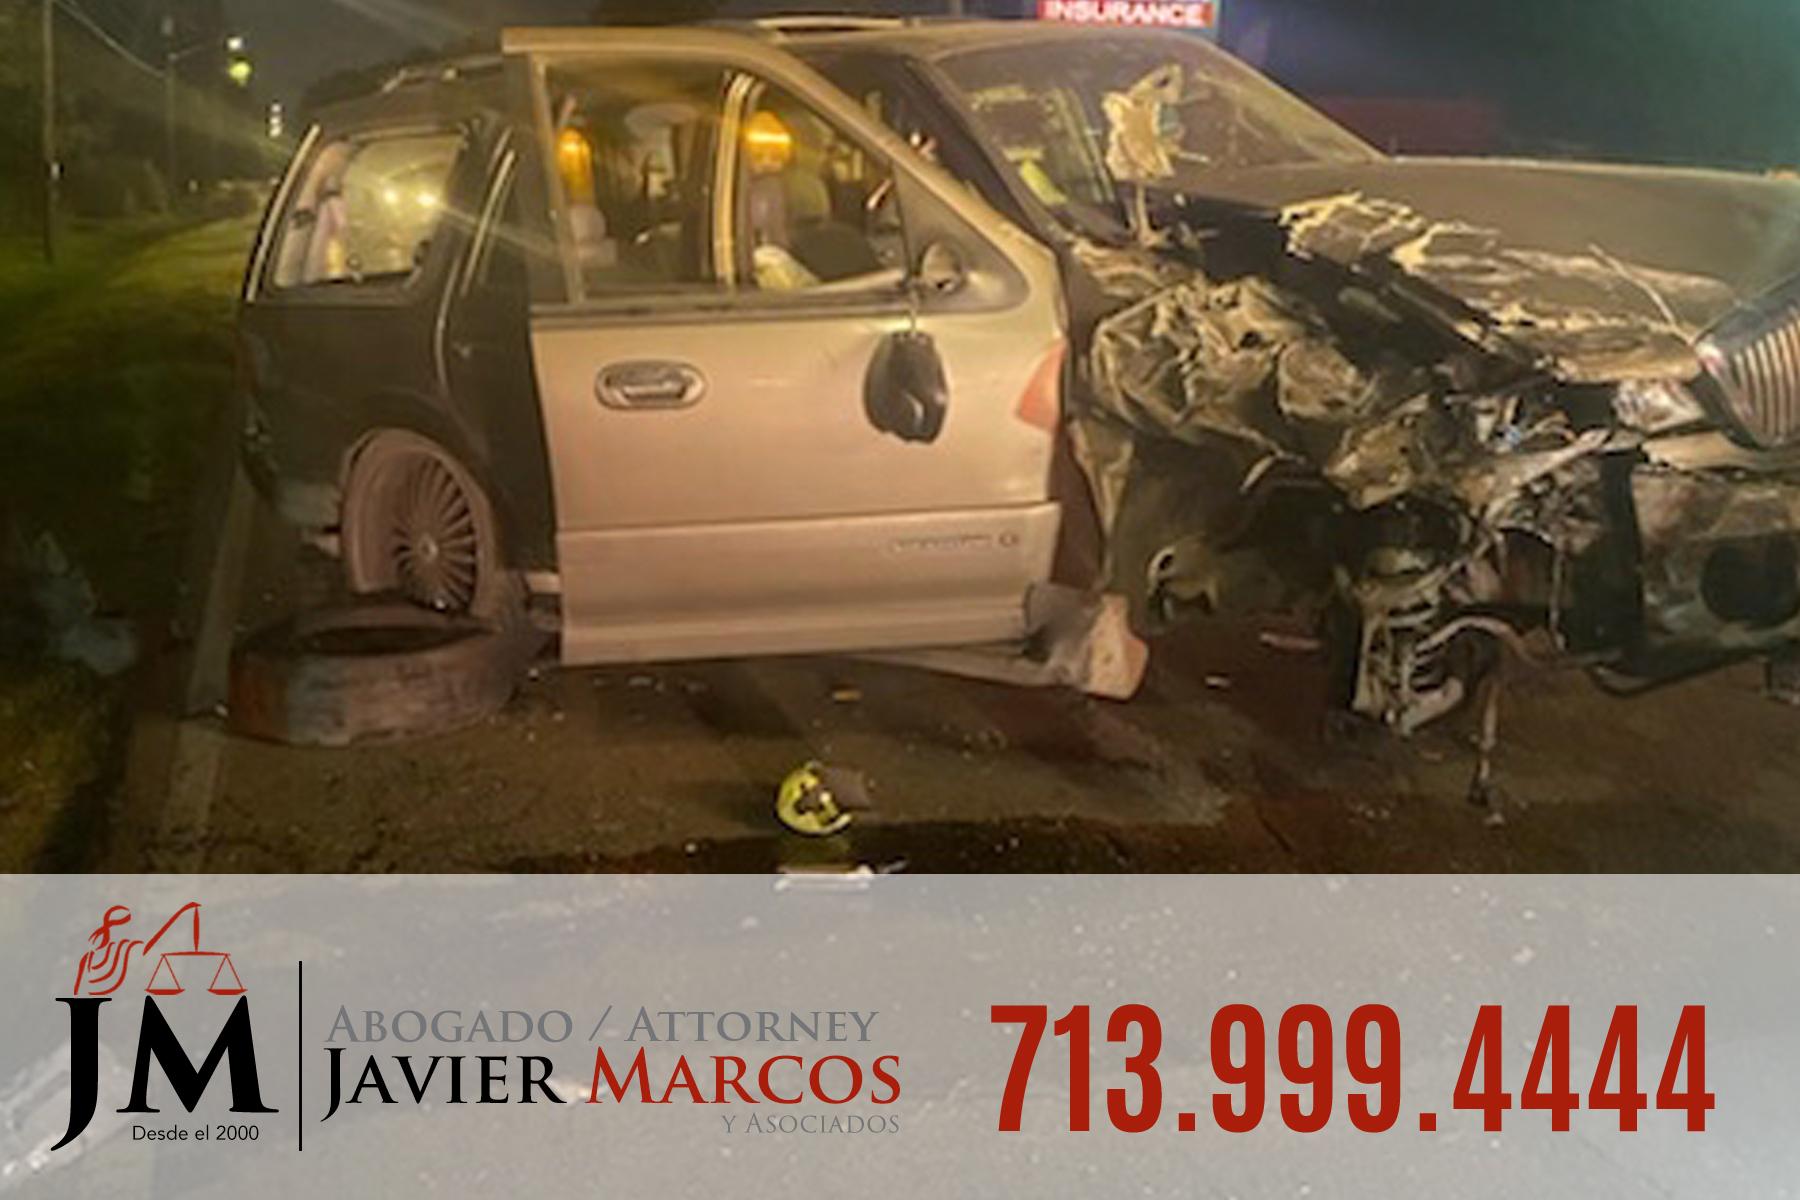 Dias despues del accidente de camion | Abogado Javier Marcos | 713.999.4444